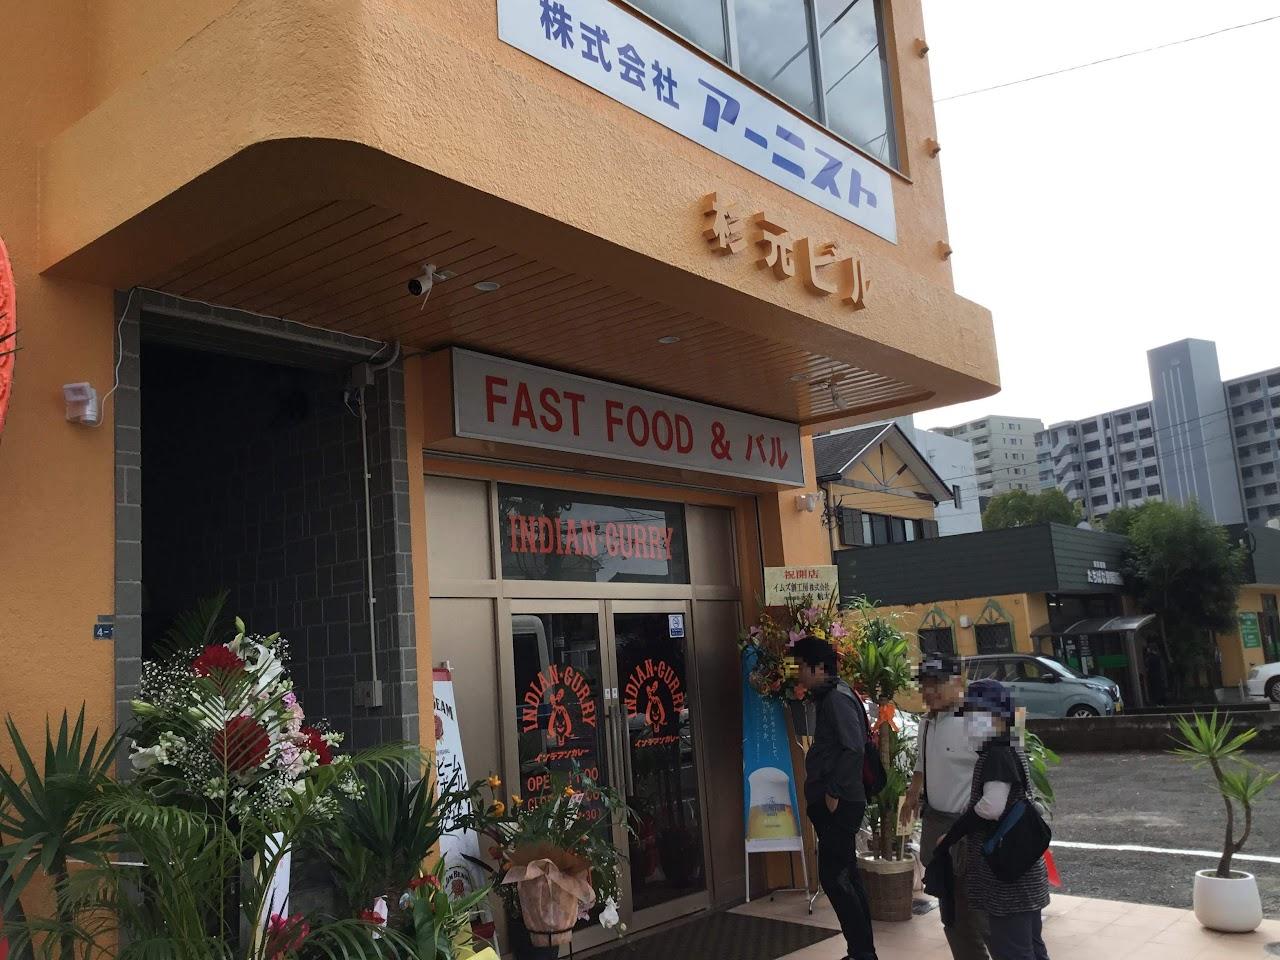 インディアンカレー 宮崎店。金沢が本店のカレー屋さんのようです。九州初上陸のカレーの味はいかに?